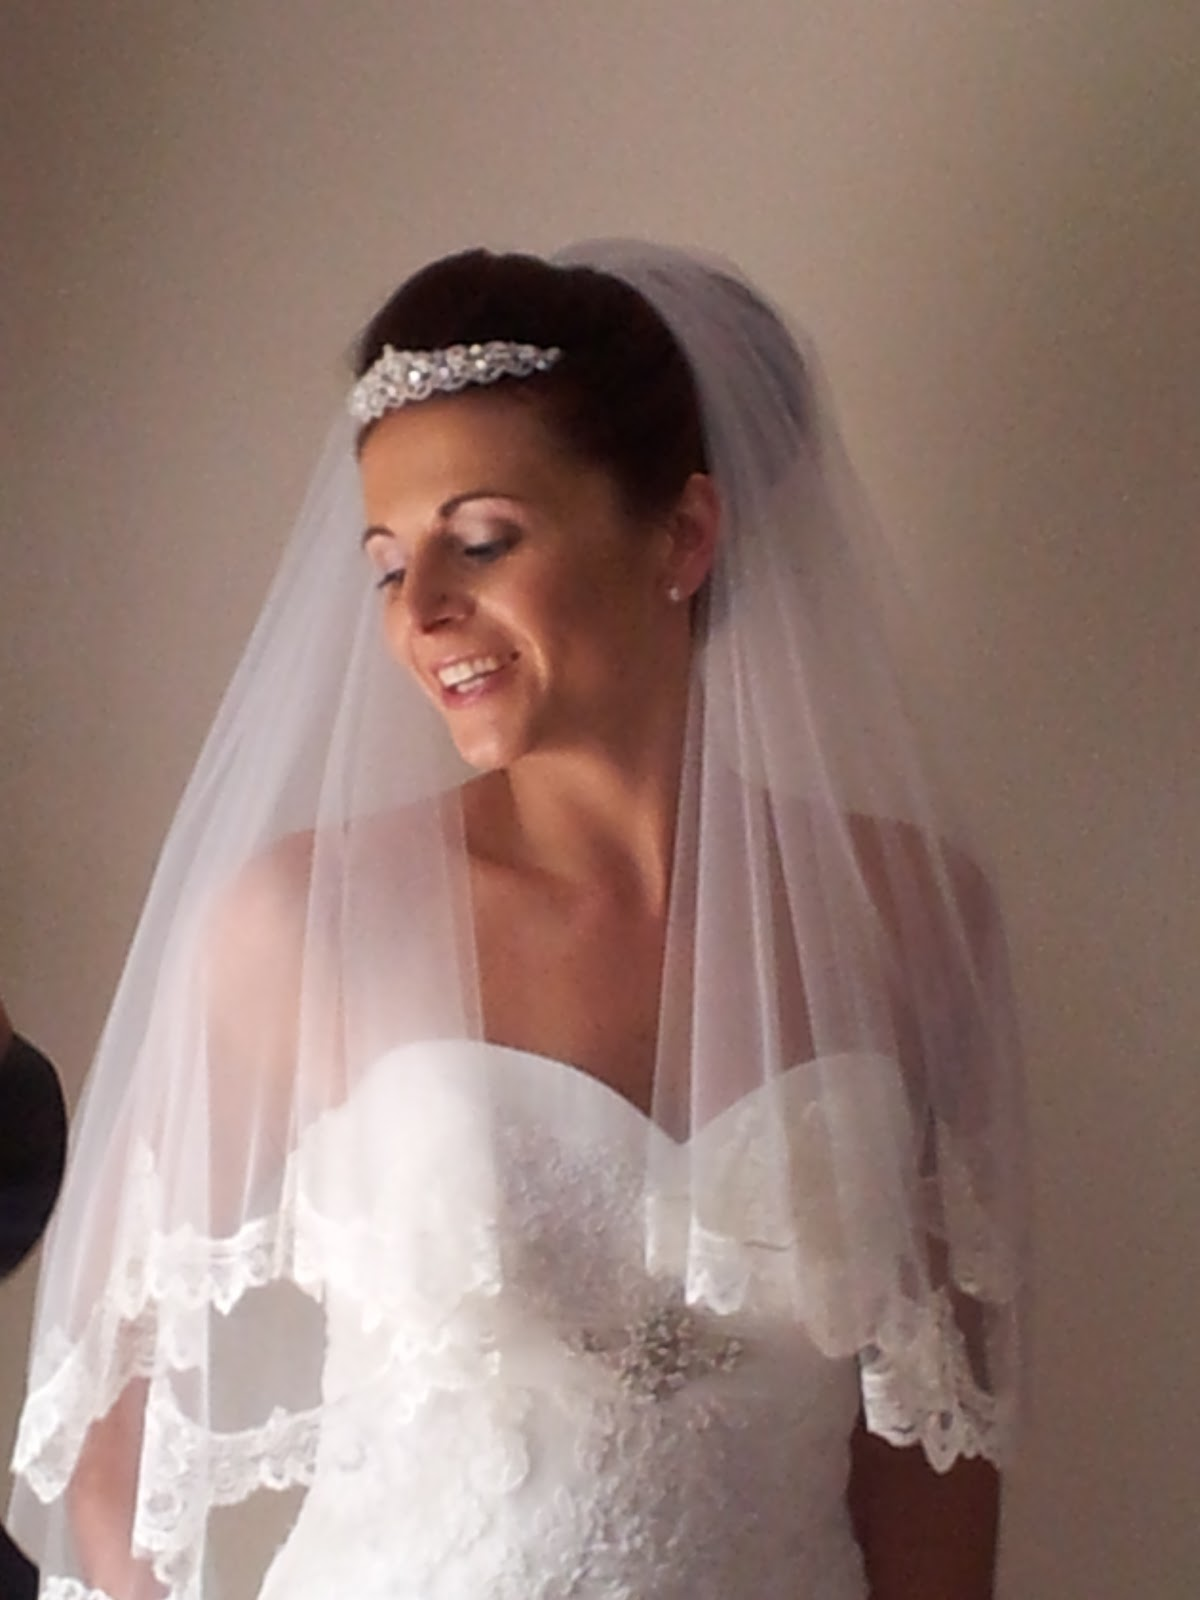 Low Wedding Bun With Veil And Tiara